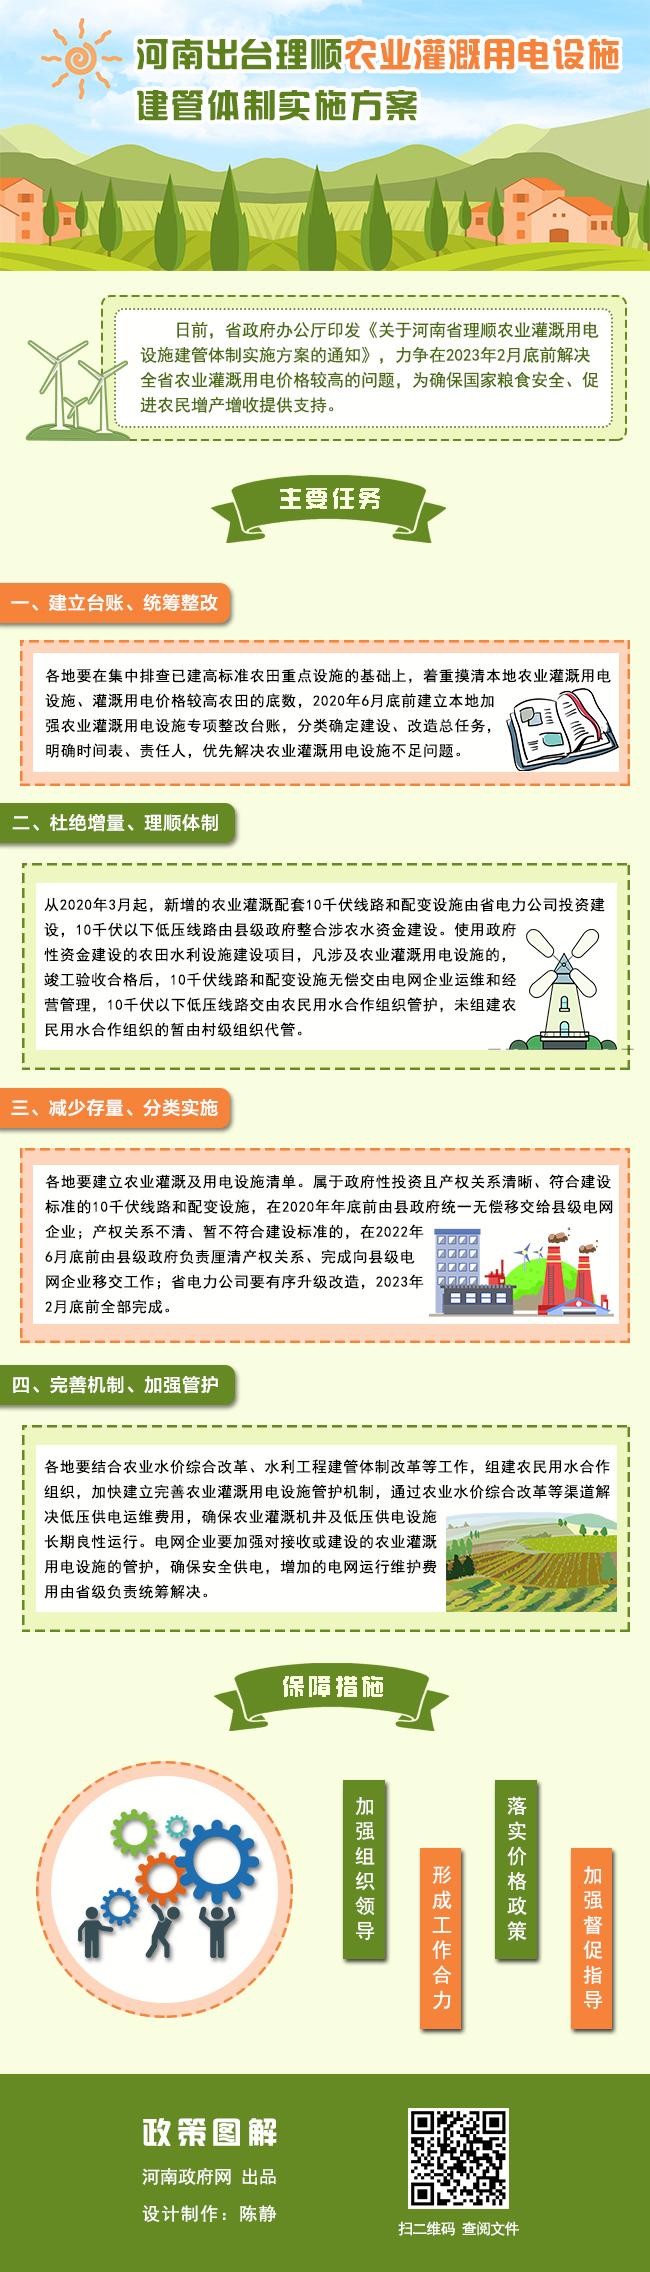 农业电力图解.jpg